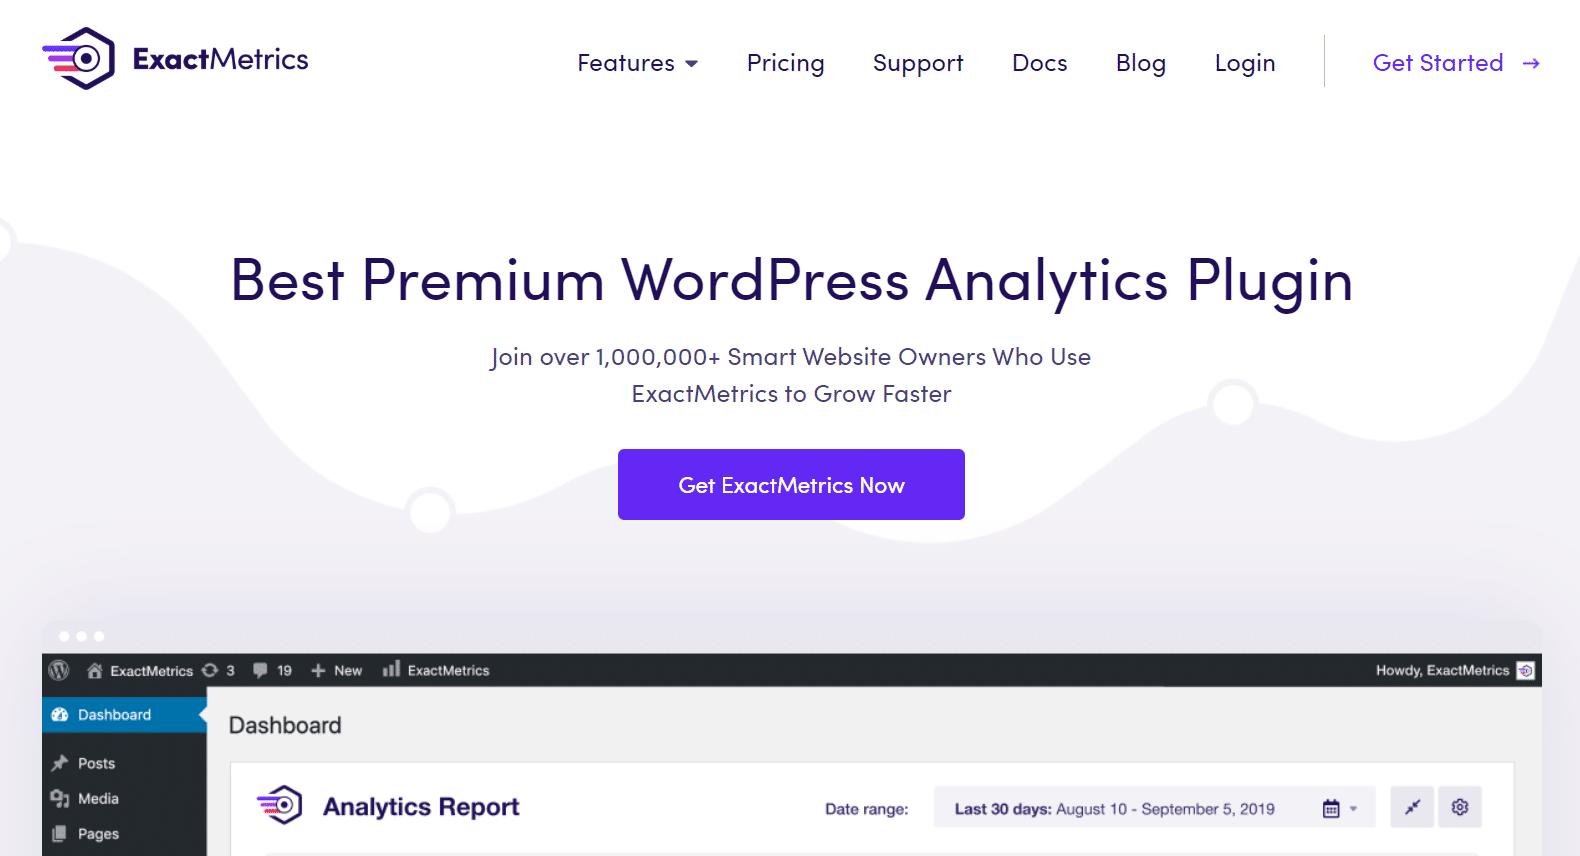 exactmetrics-best-premium-wordpress-analytics-plugin